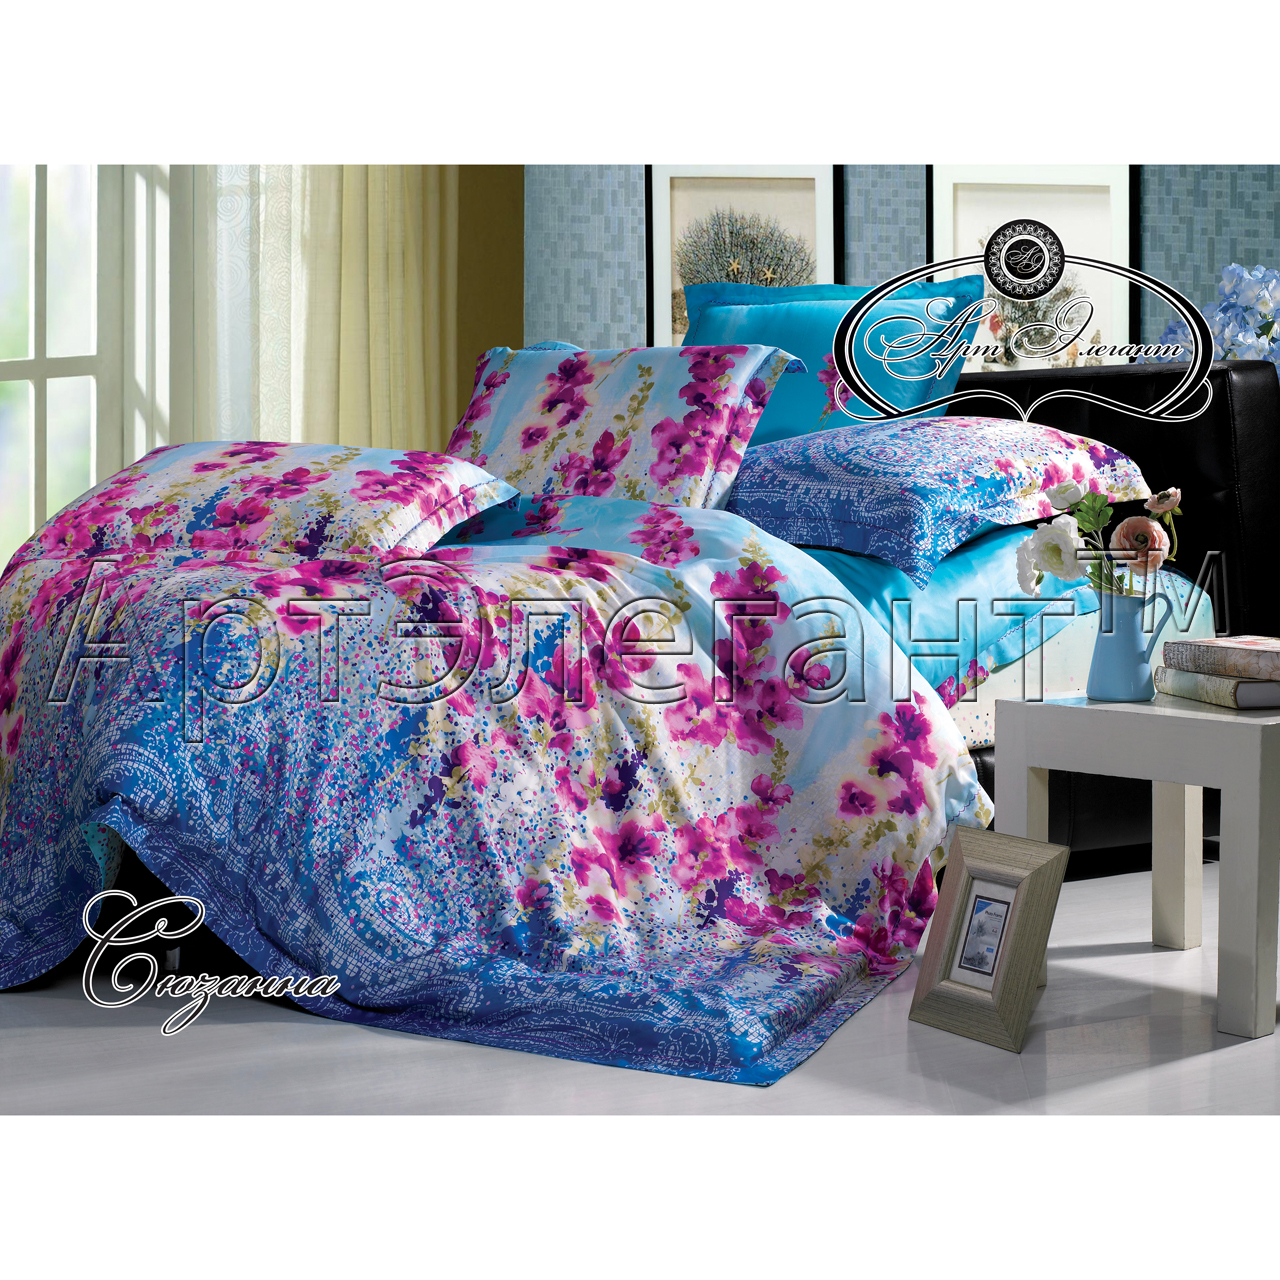 Комплект  Сюзанна , размер 2,0-спальный с 4 наволочками - Постельное белье артикул: 10789